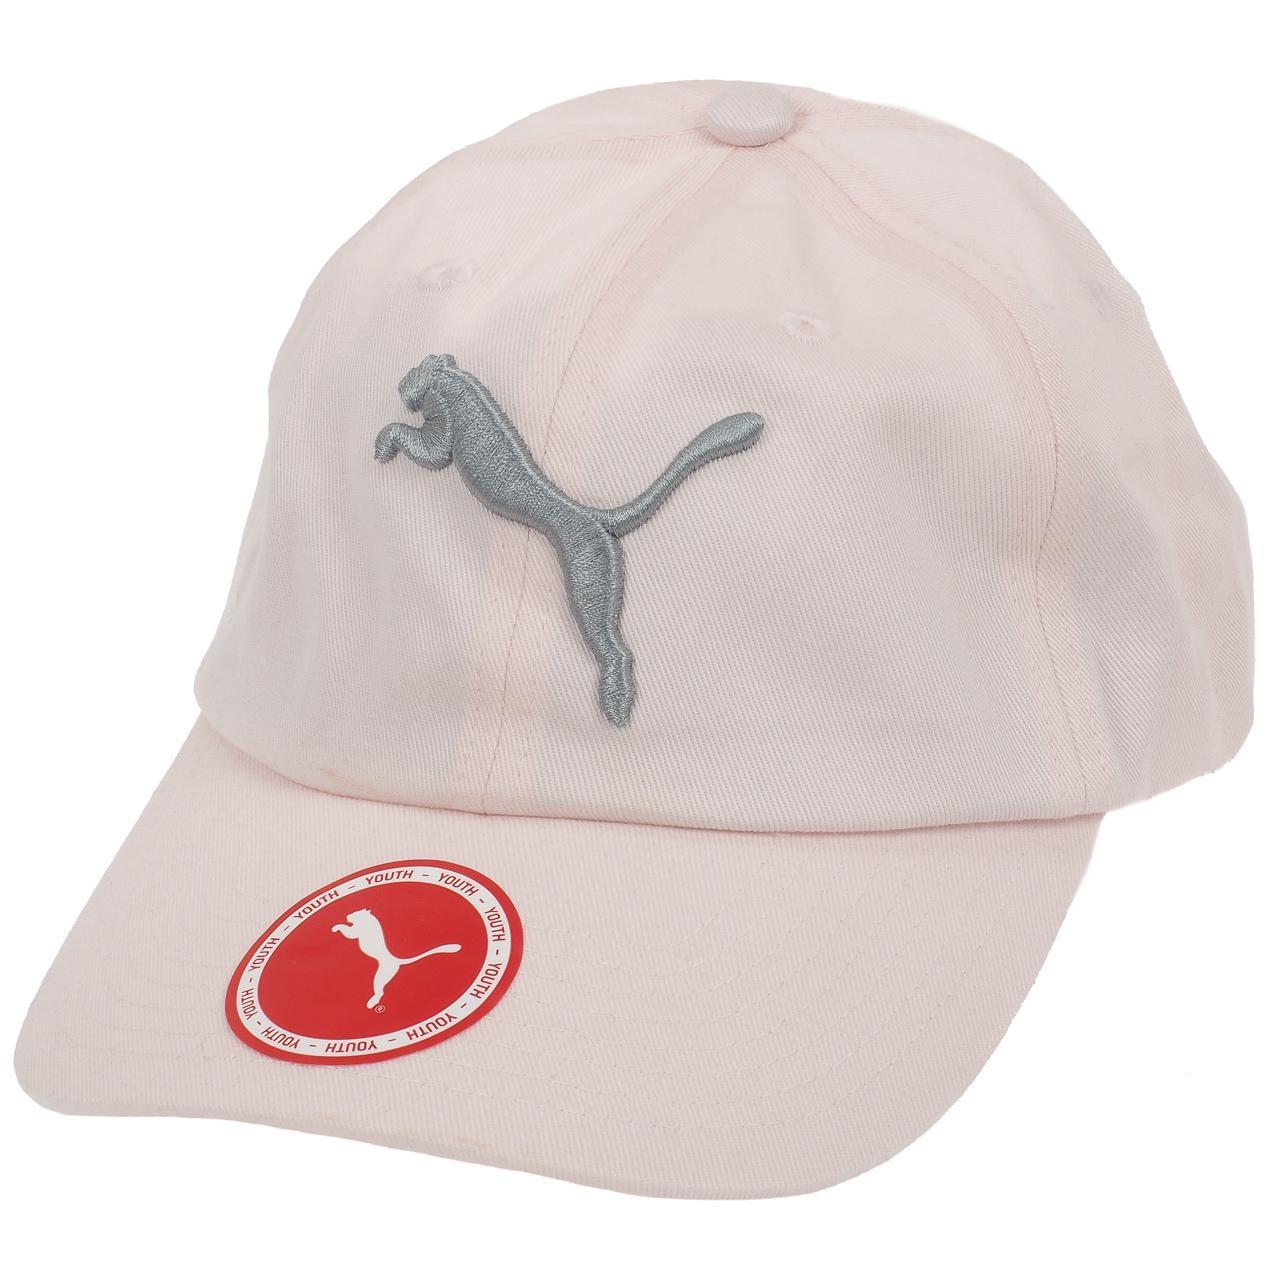 Queja Sucio Red de comunicacion  Adquirir > gorra puma rosa- Off 71% - cankocatas.com!